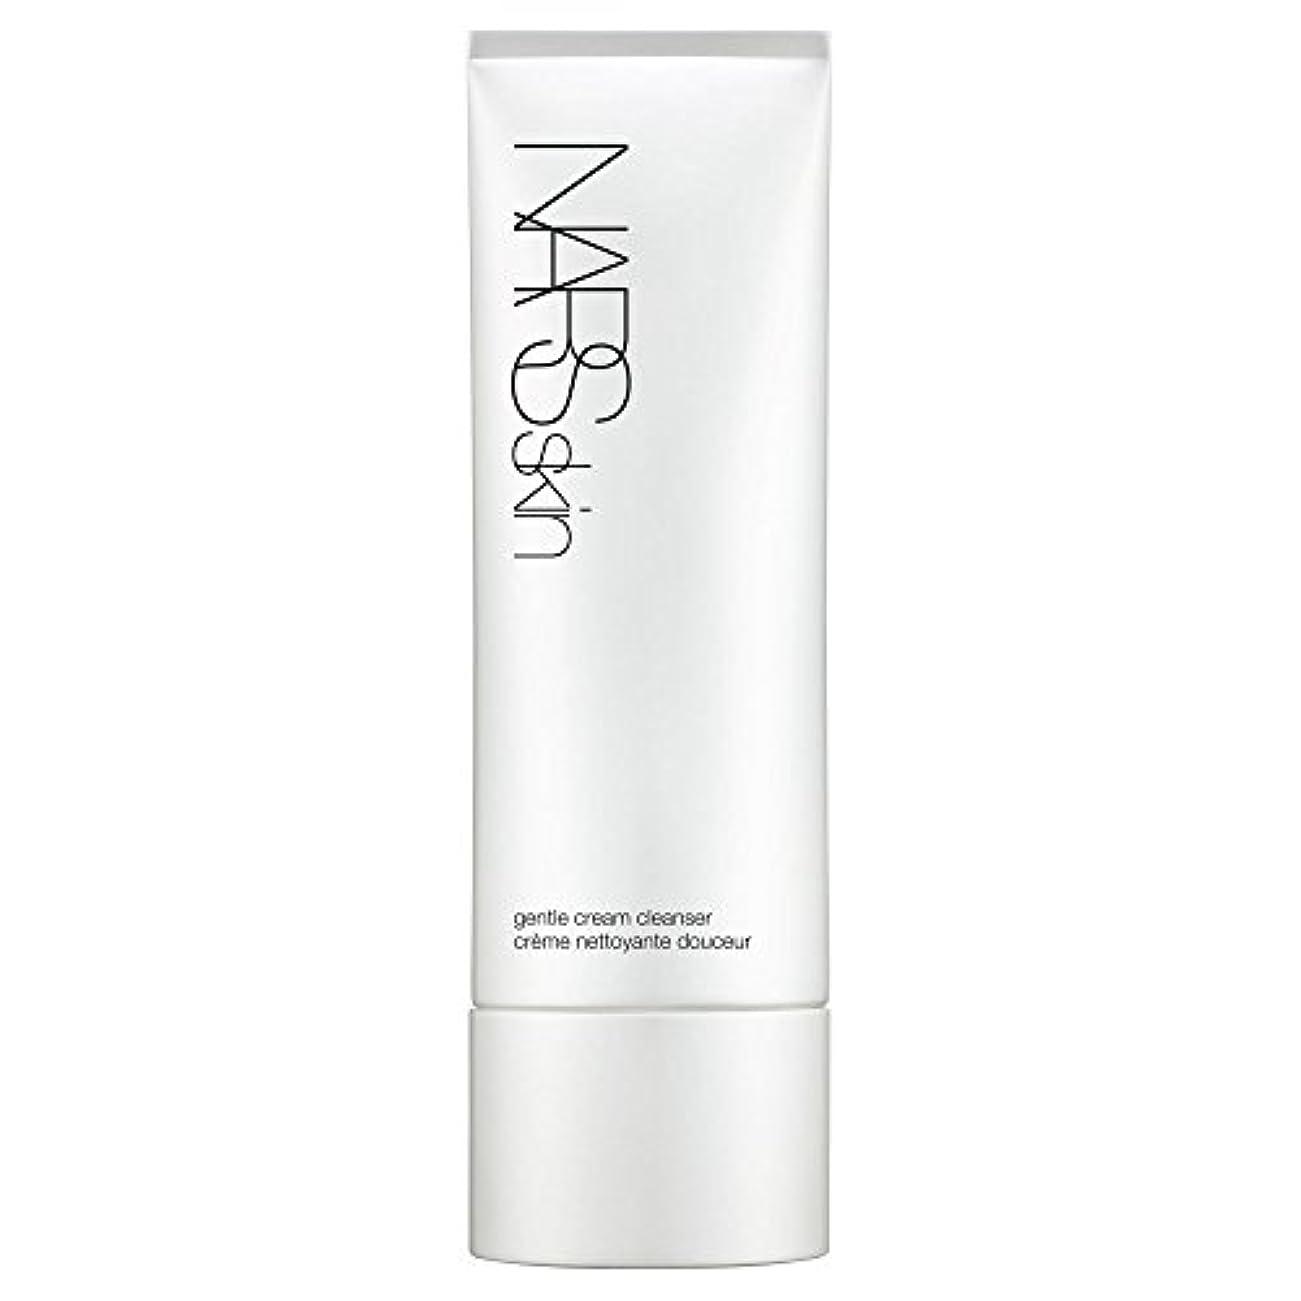 おばさん談話制裁[NARS] Narsskin優しいクリームクレンザー、125ミリリットル - Narsskin Gentle Cream Cleanser, 125ml [並行輸入品]